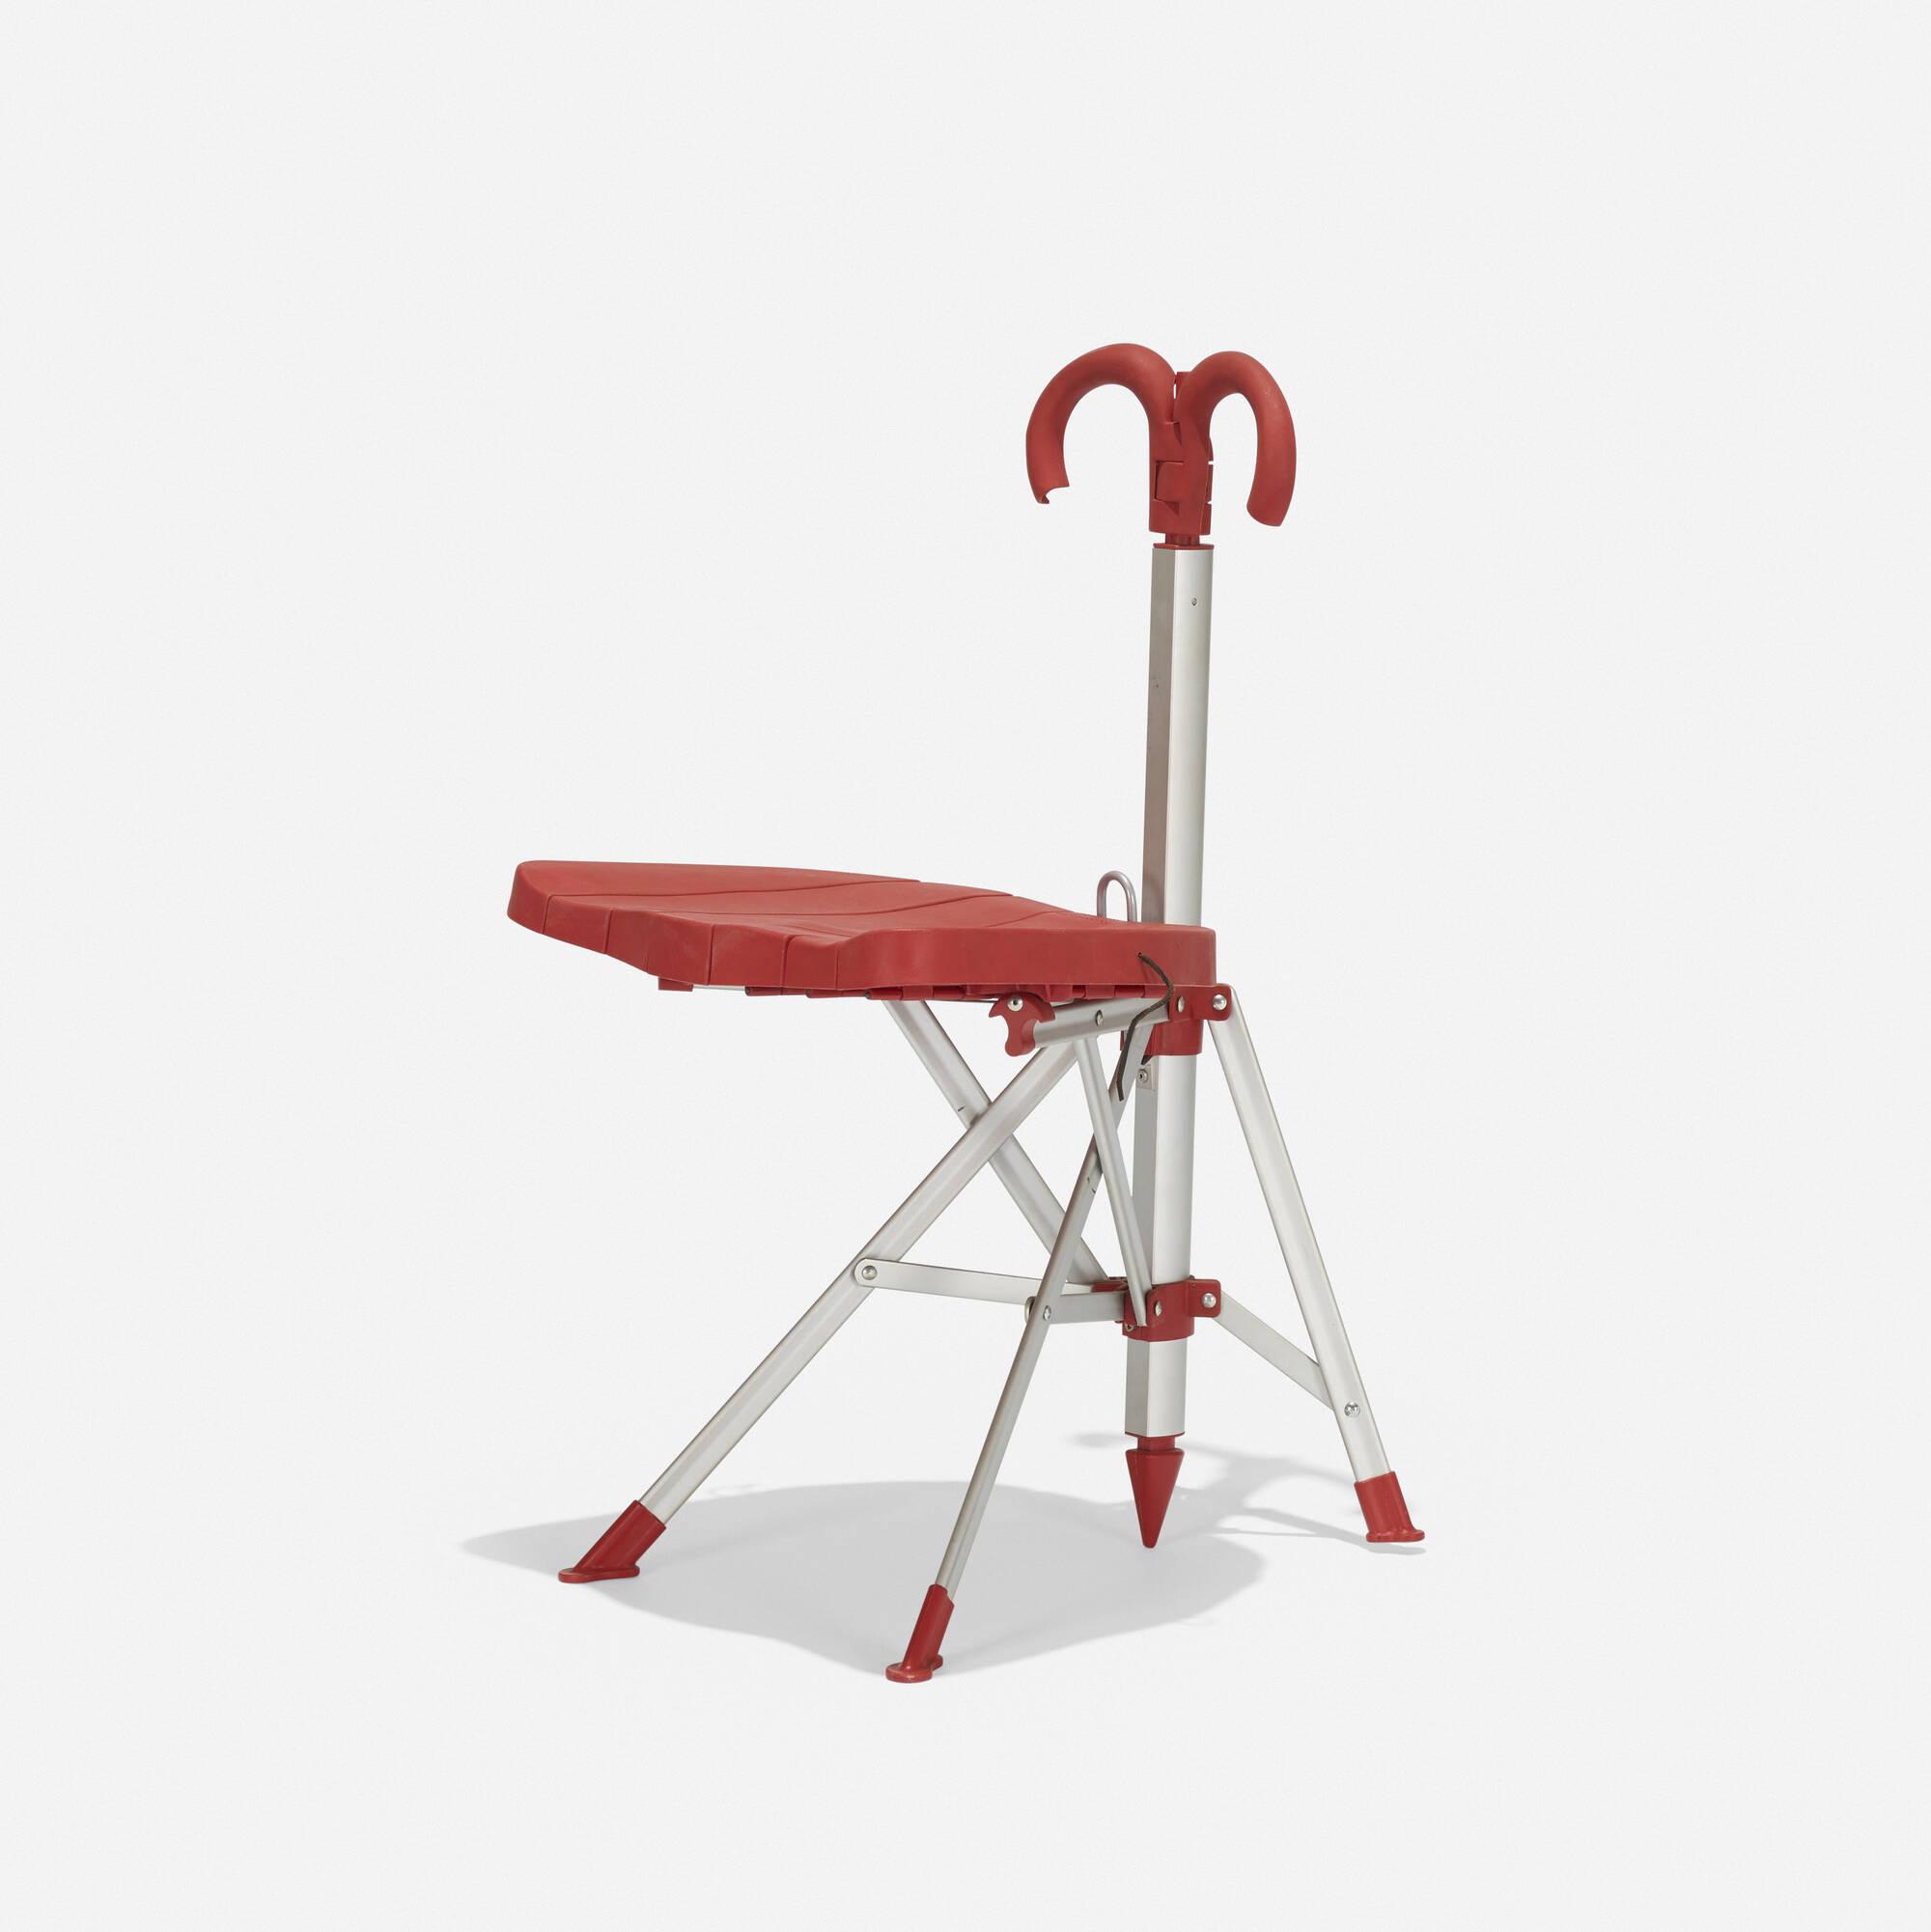 345: Gaetano Pesce / Umbrella chair (2 of 3)